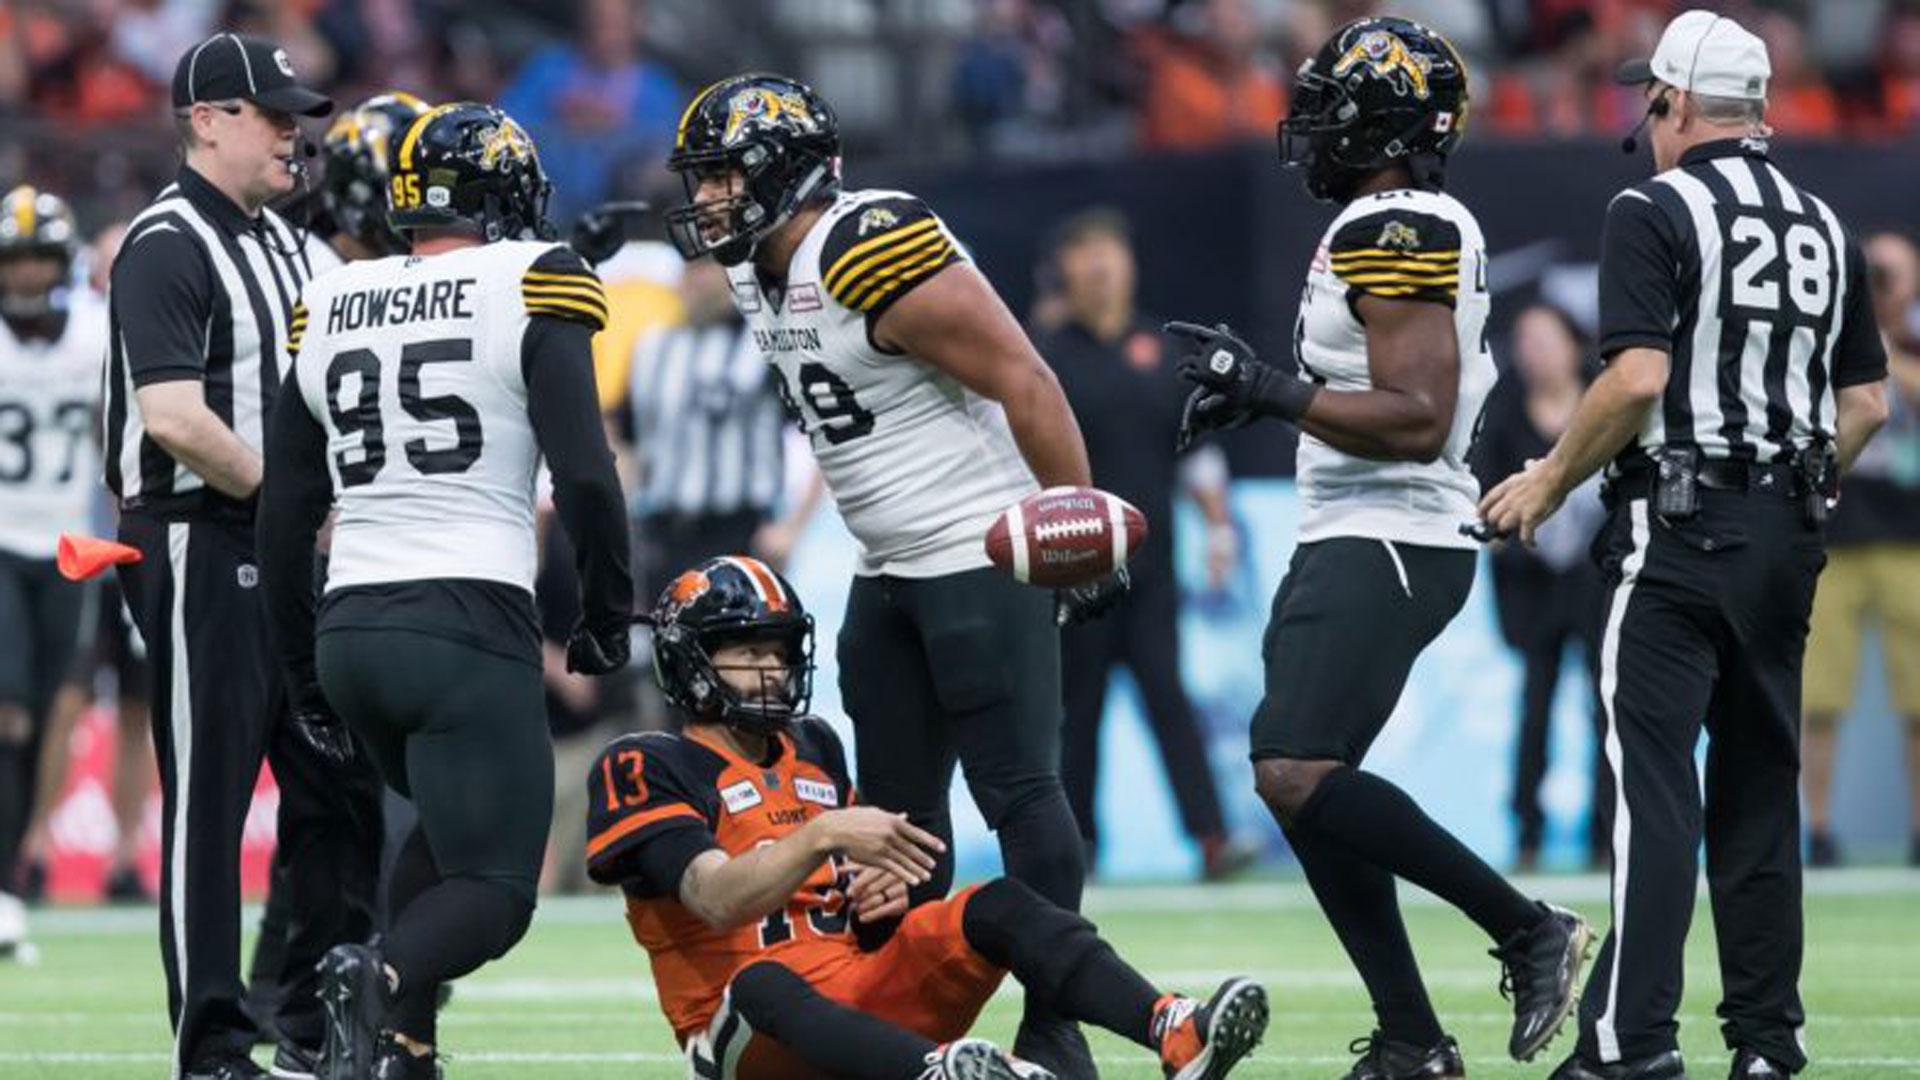 CFL: Tiger-Cats 13, Lions 10